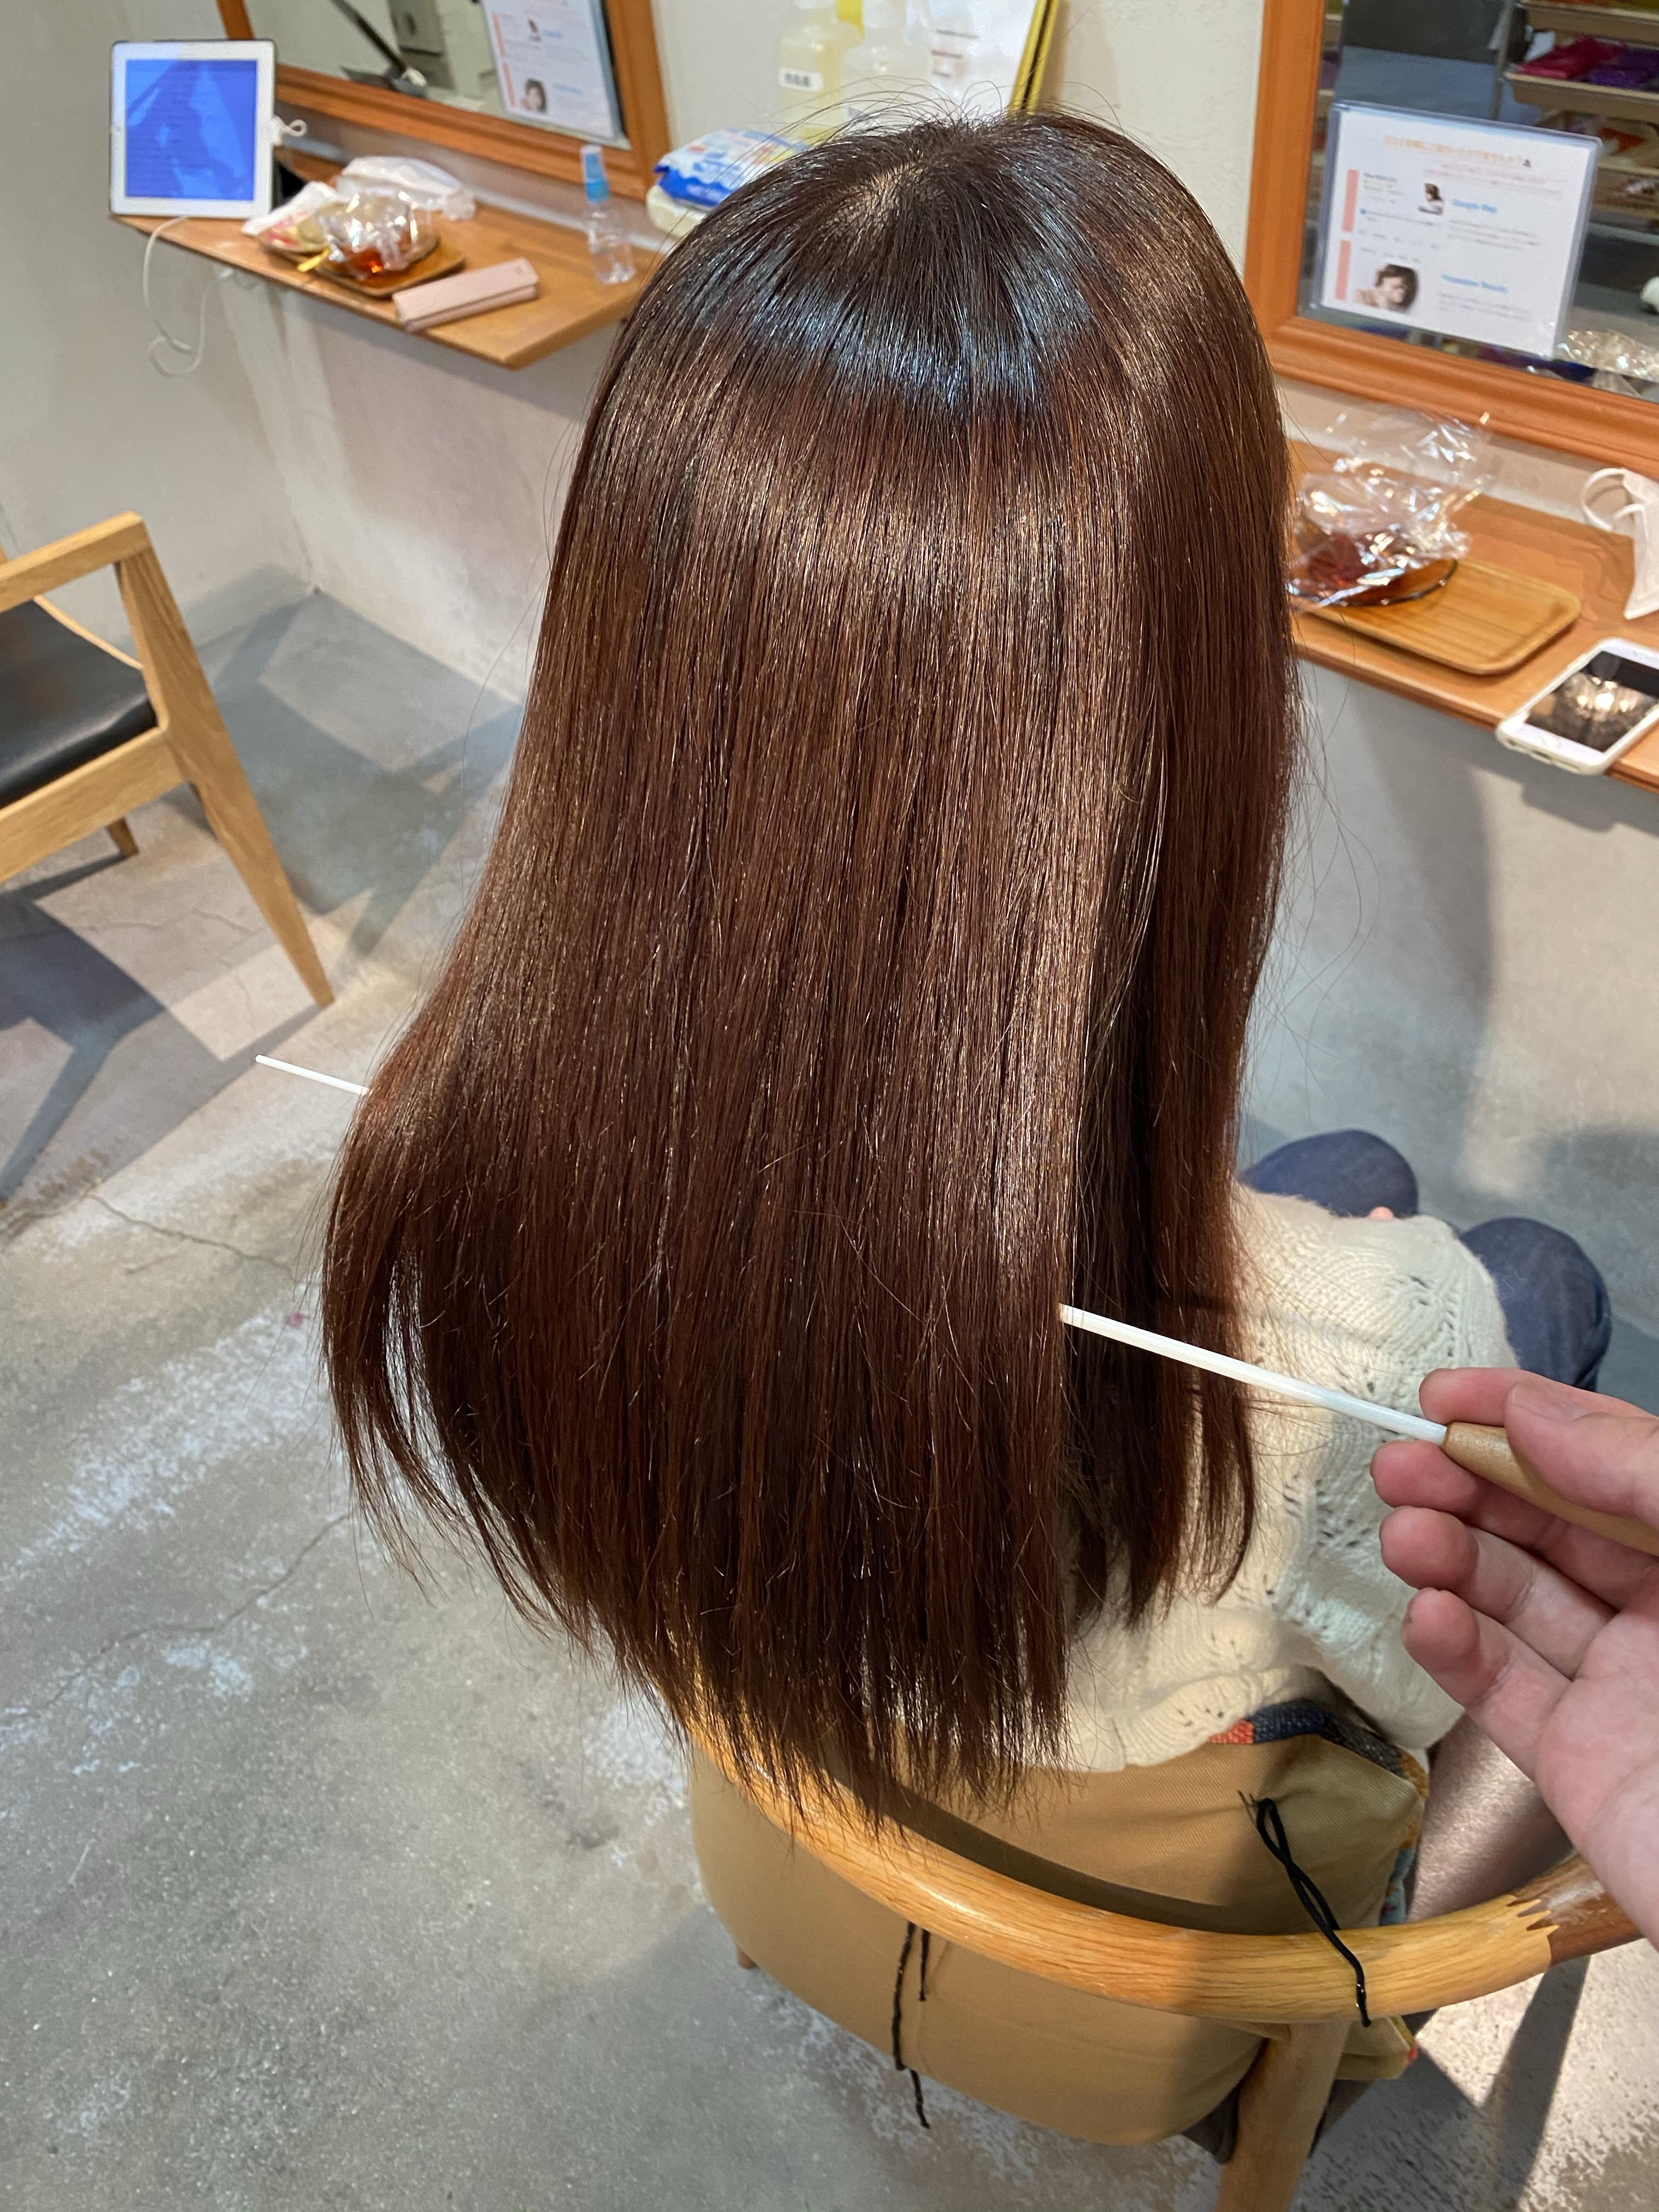 髪質改善トリートメントでパサつきと広がりが解消されたお客様の写真